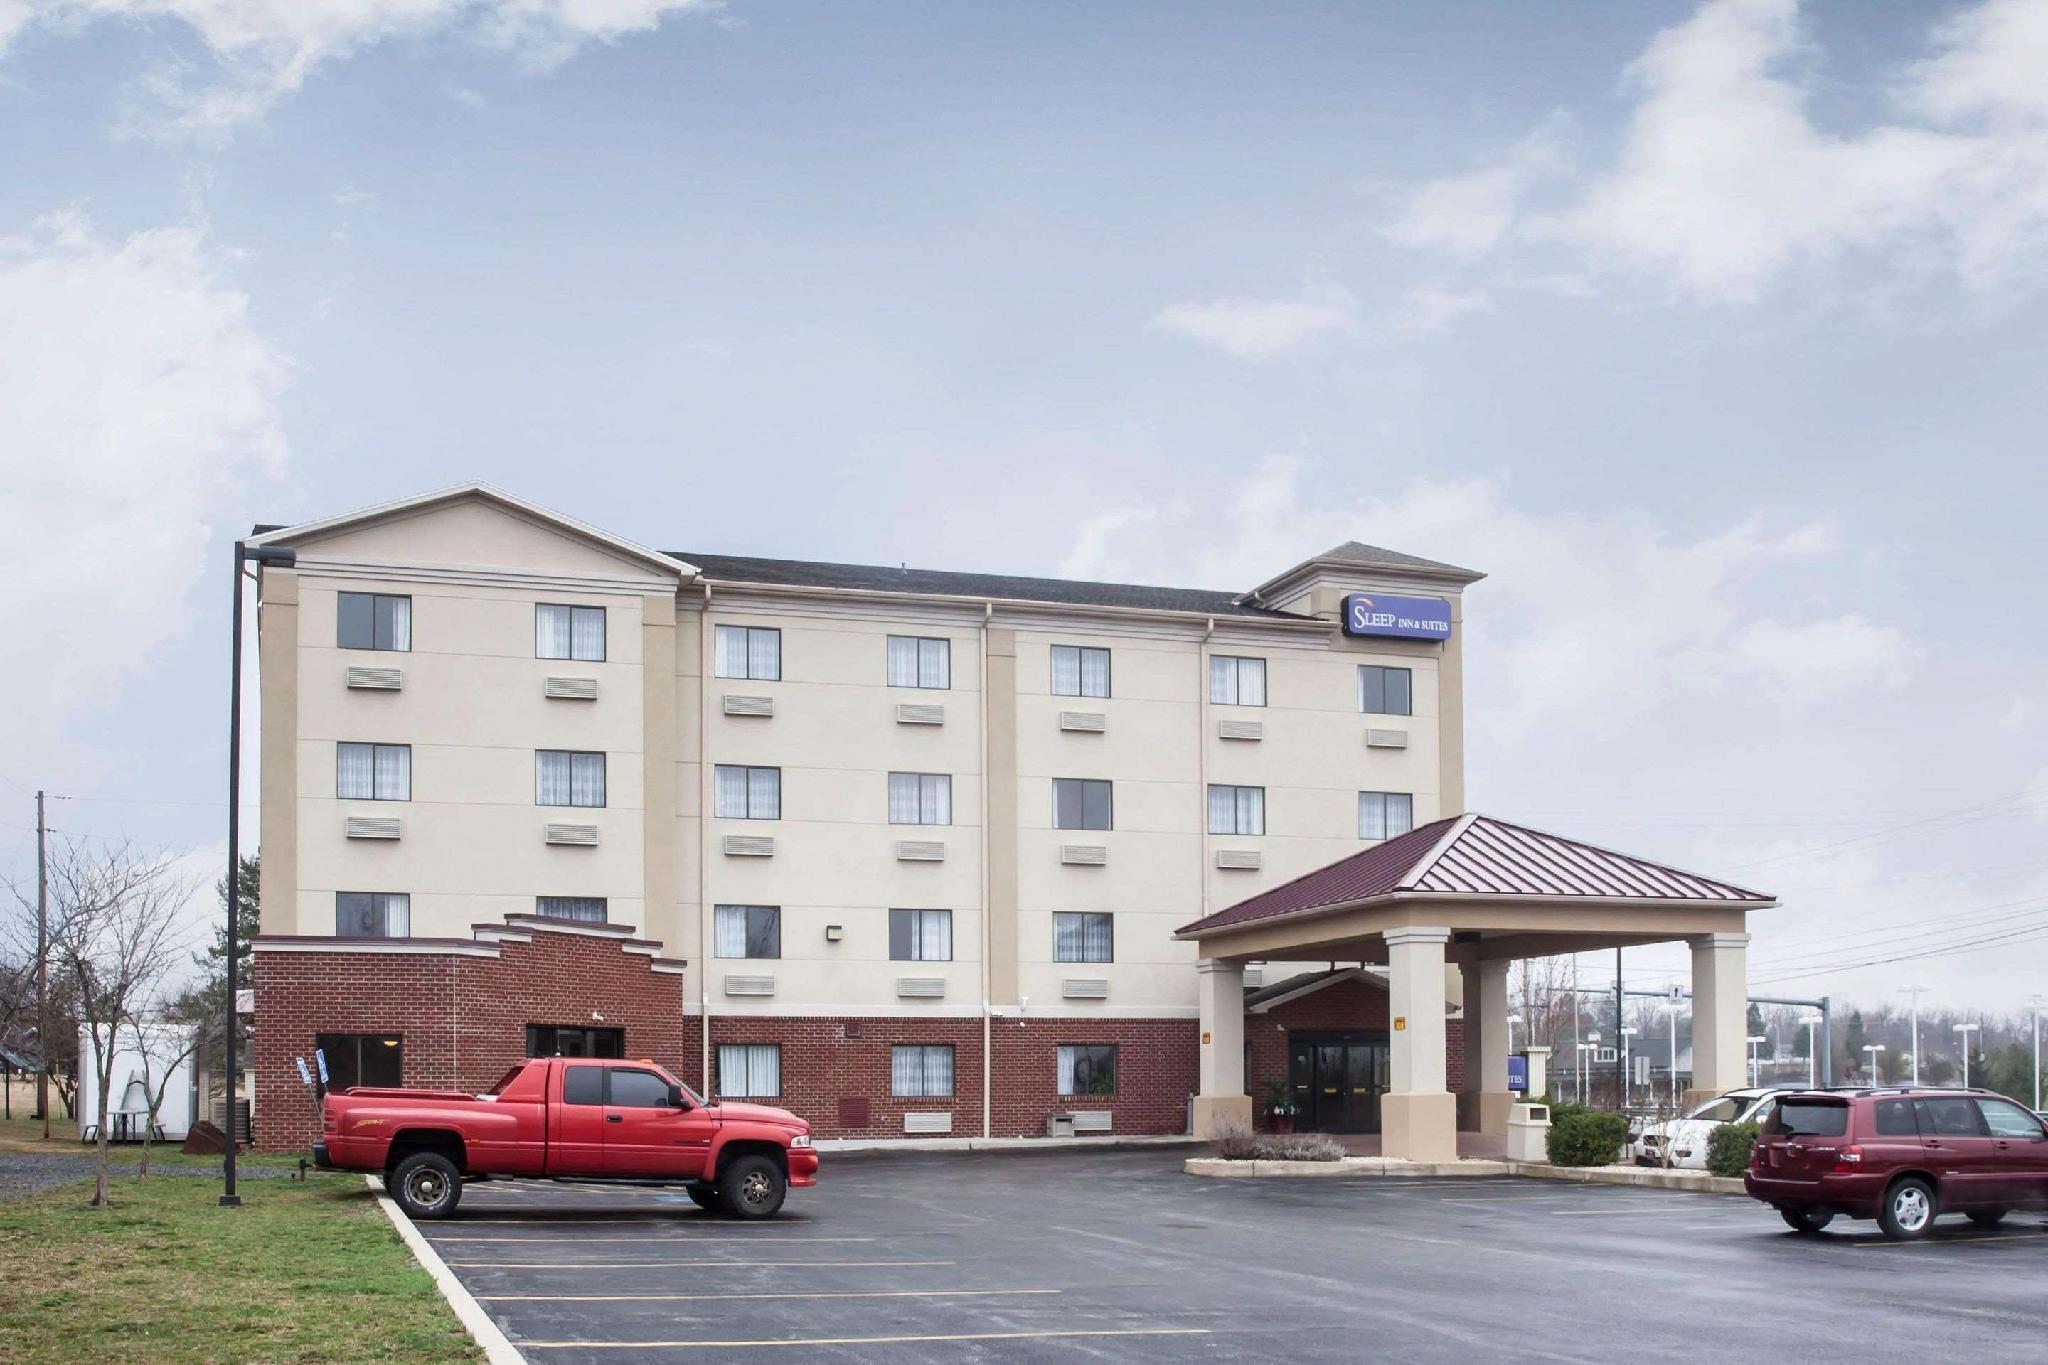 Sleep Inn And Suites Gettysburg